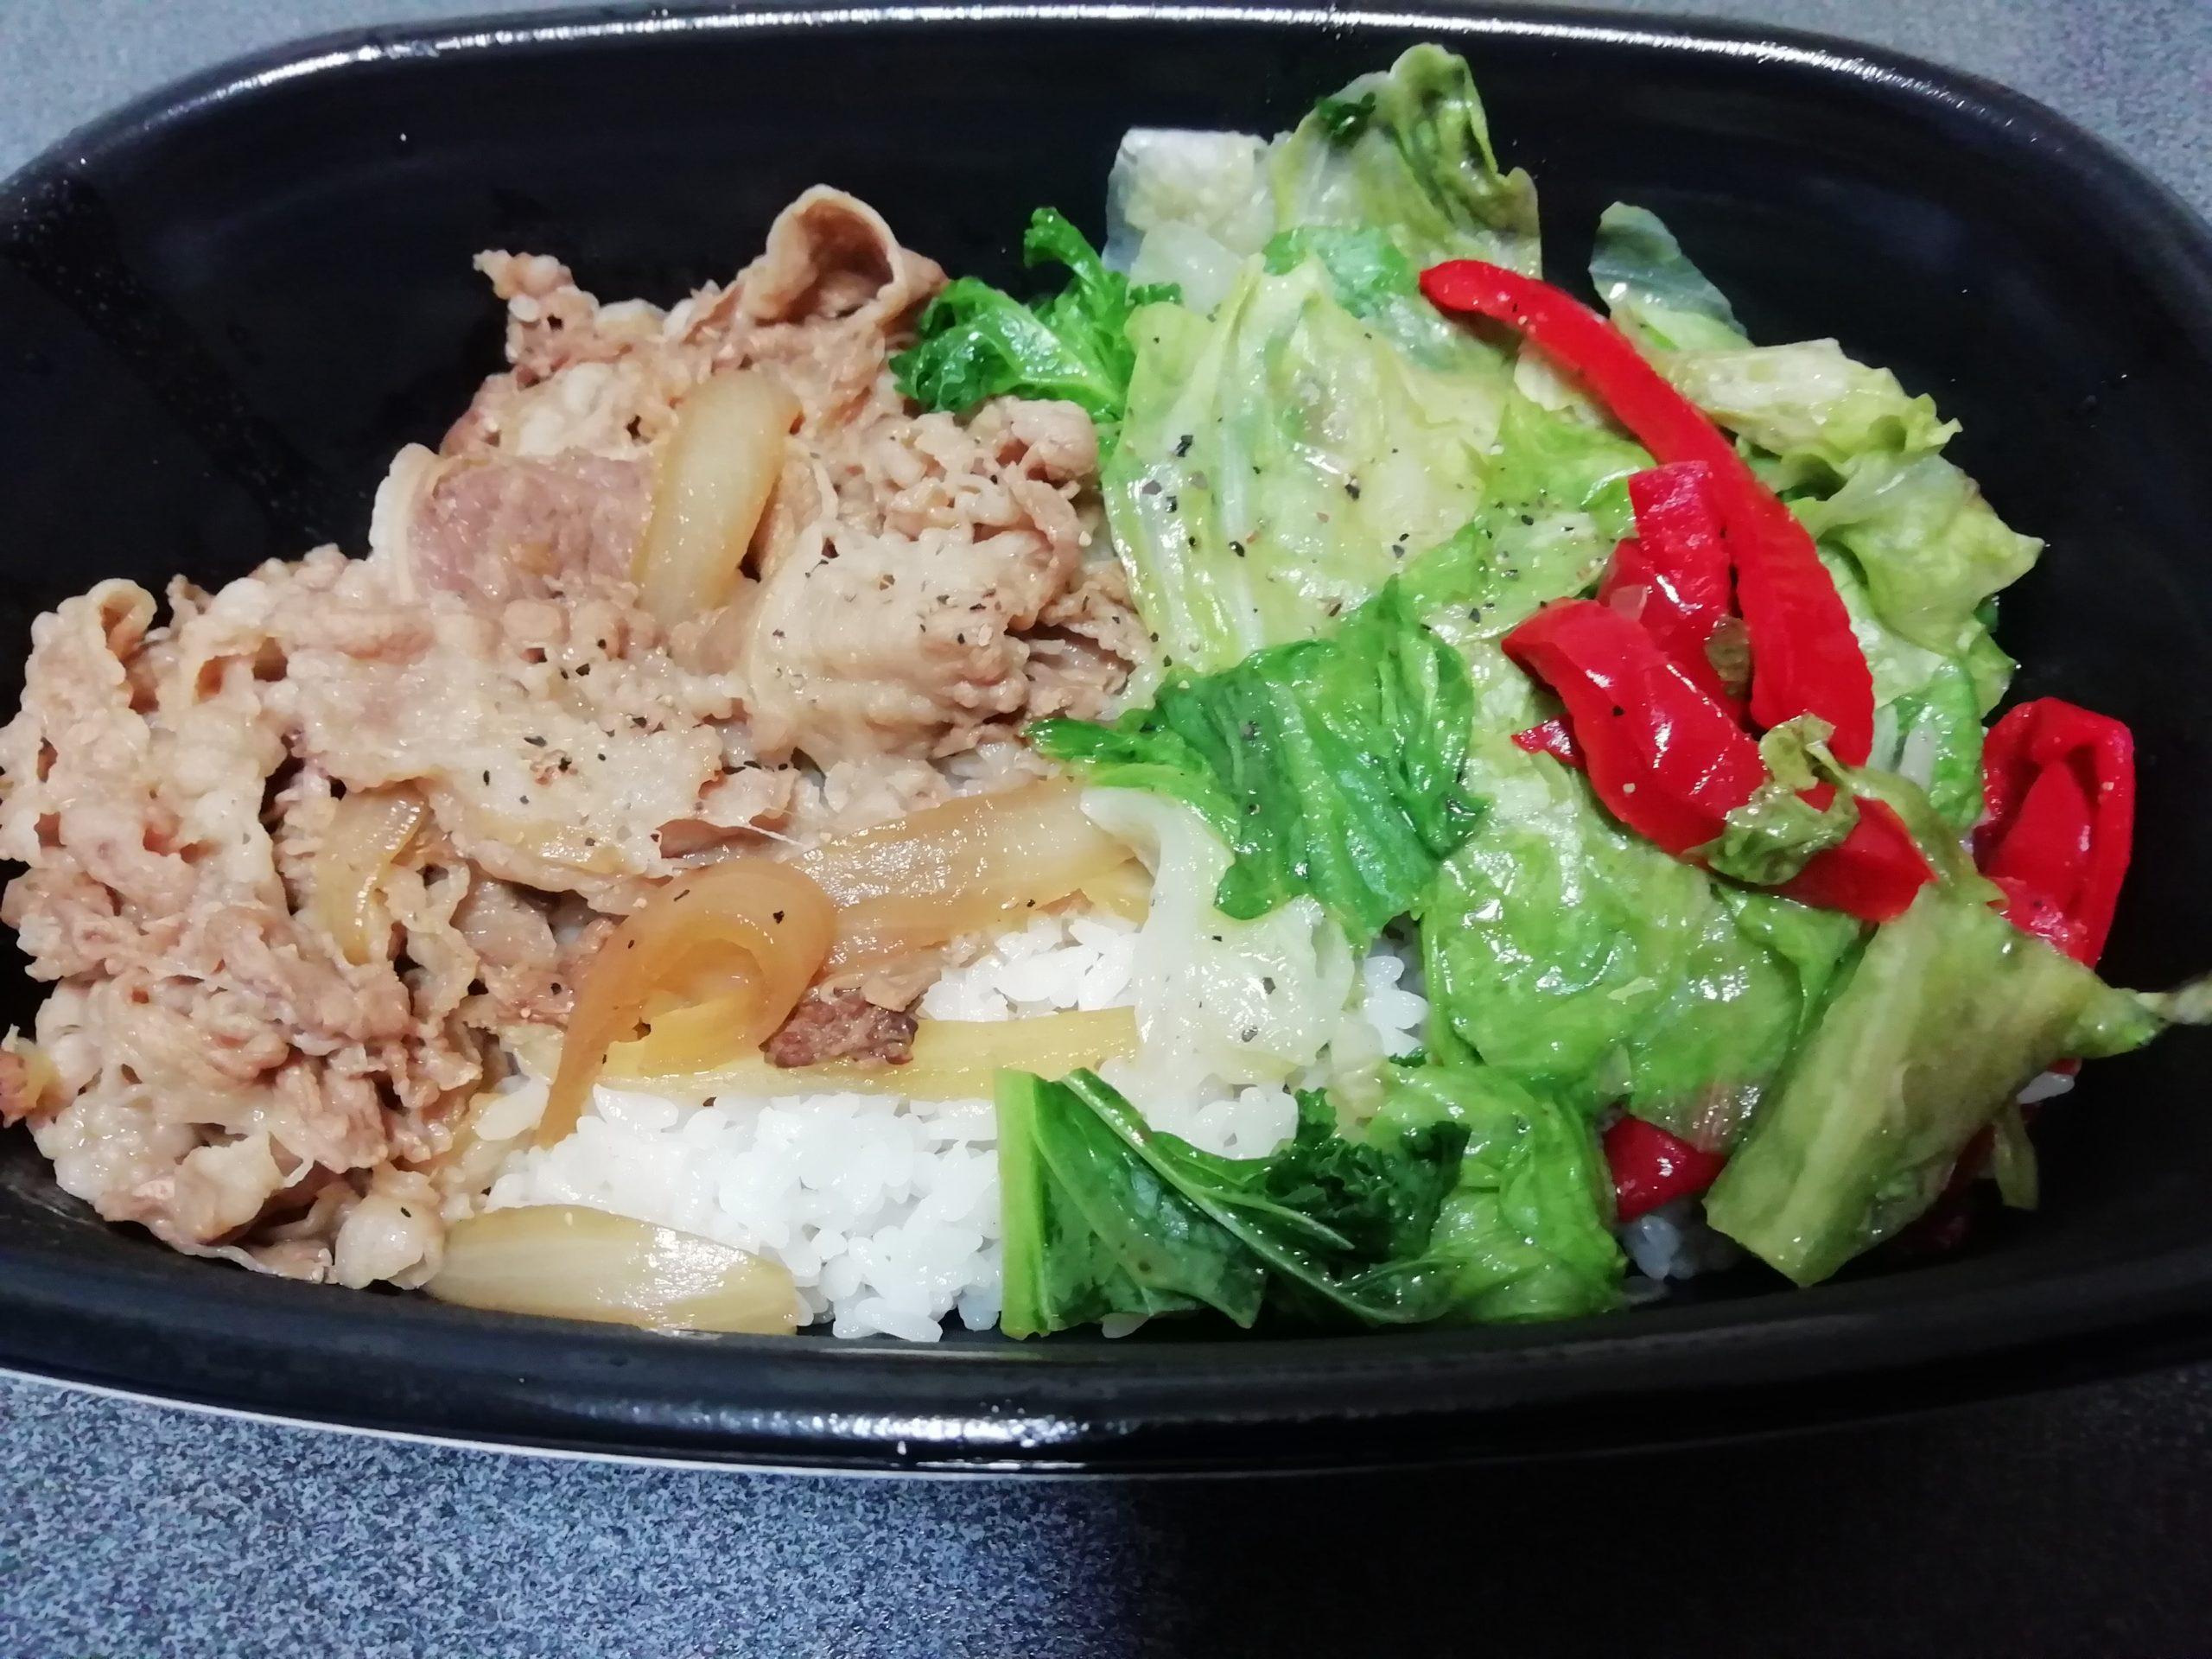 すき家 ケールレタス牛丼